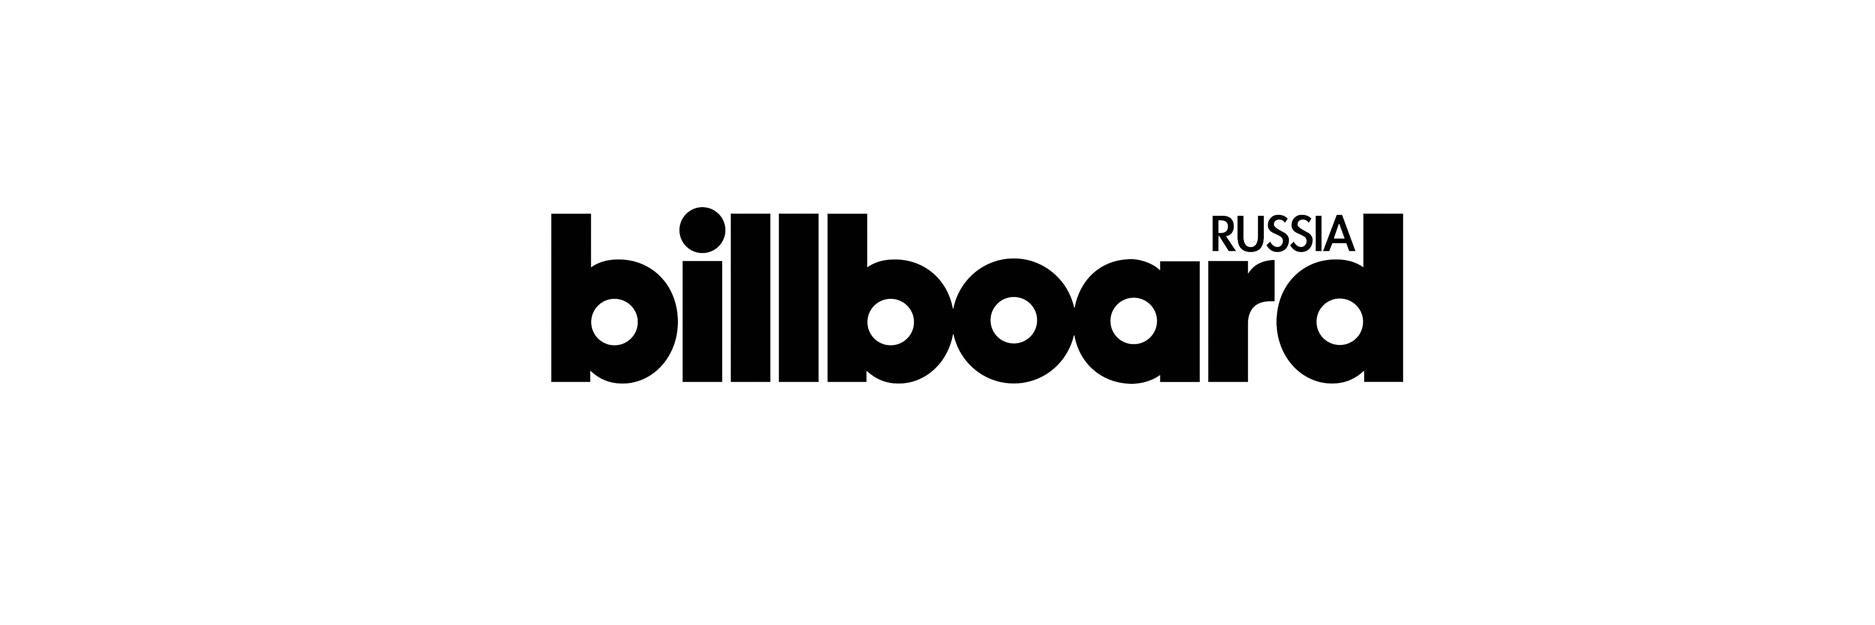 Billboard Russia